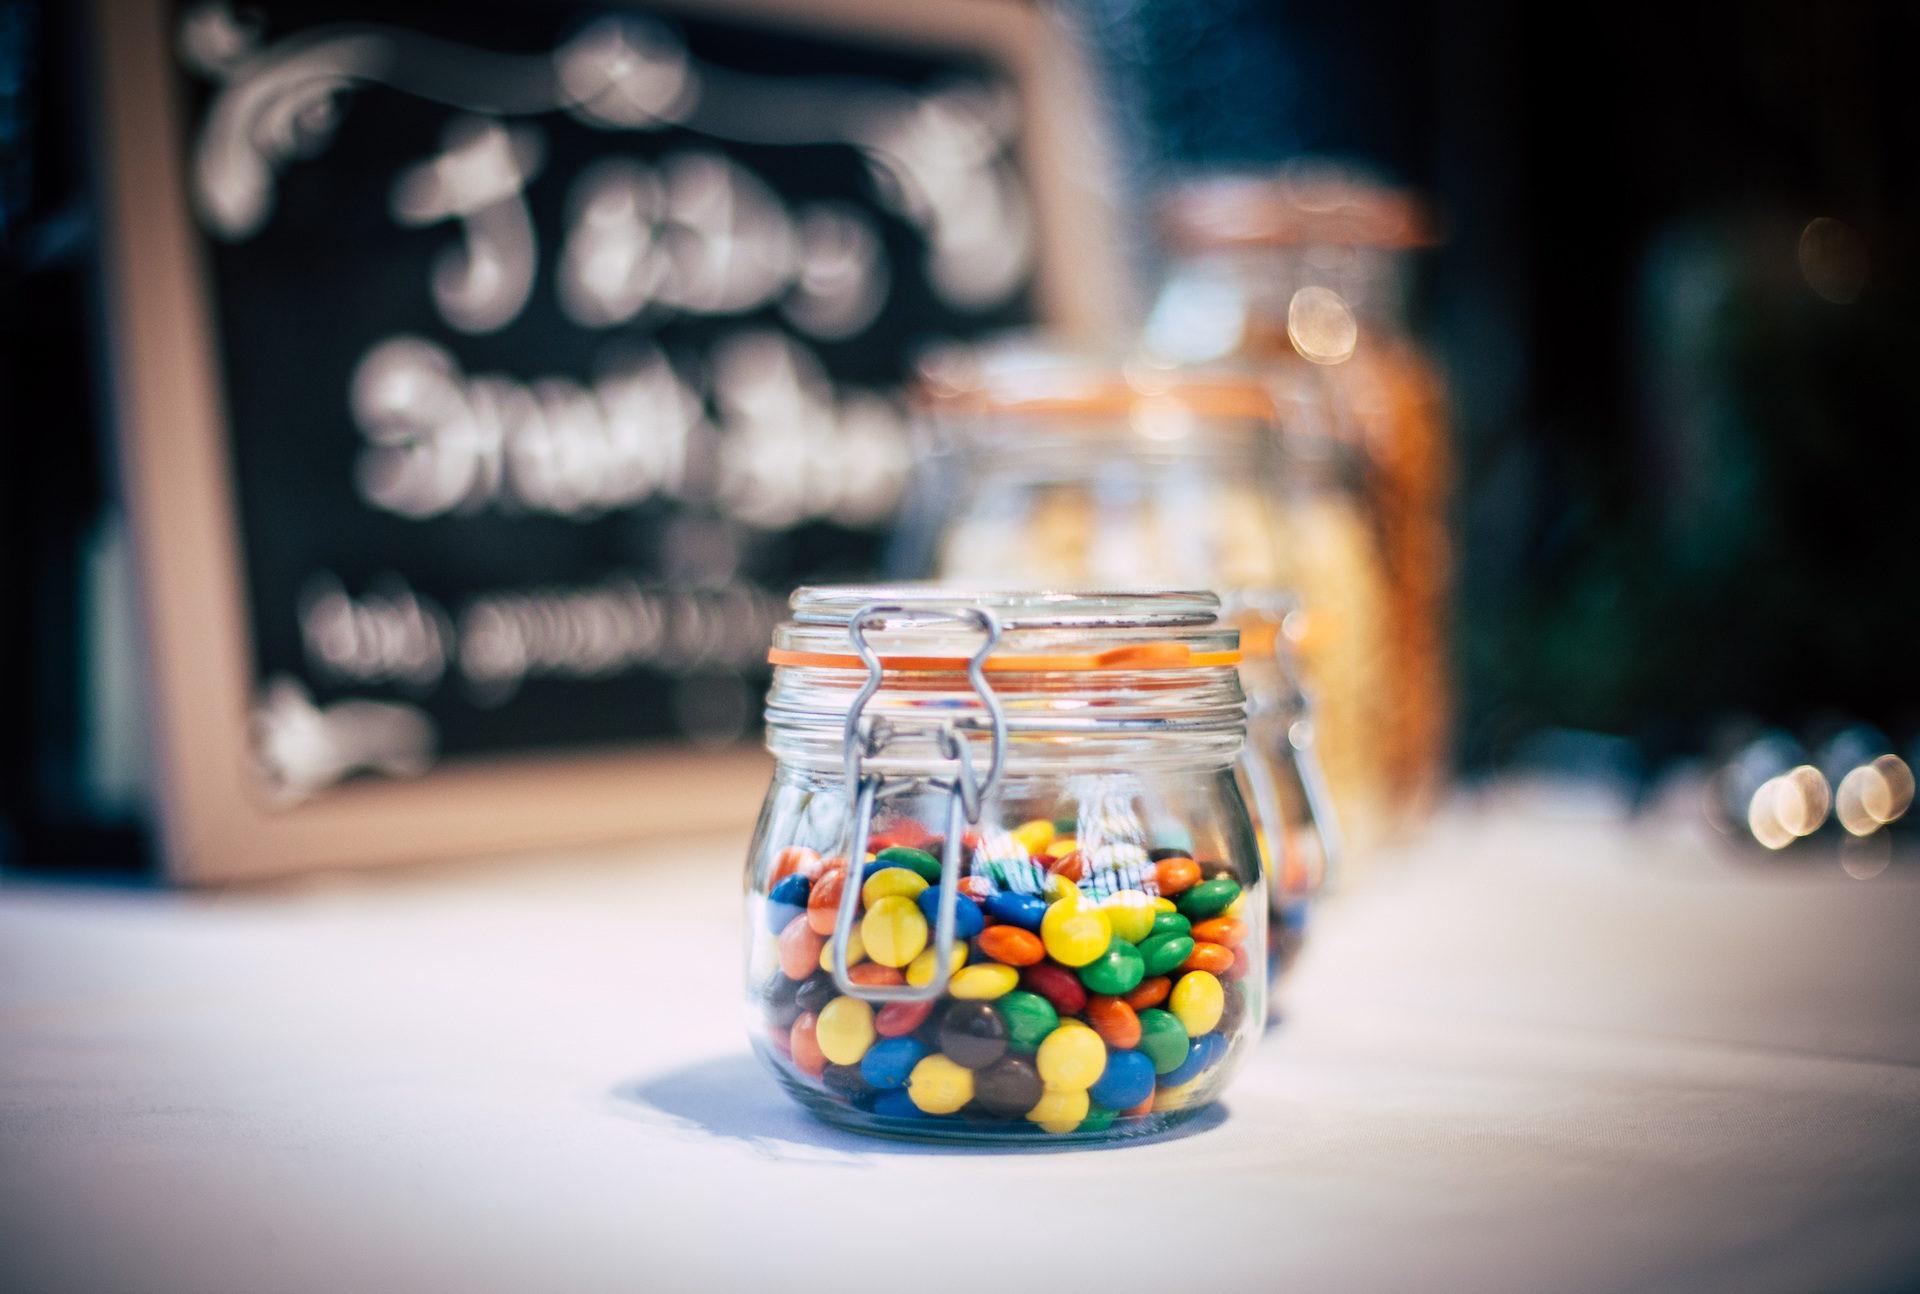 甜, caramelos, 糖果, 罐子里, 多彩 - 高清壁纸 - 教授-falken.com